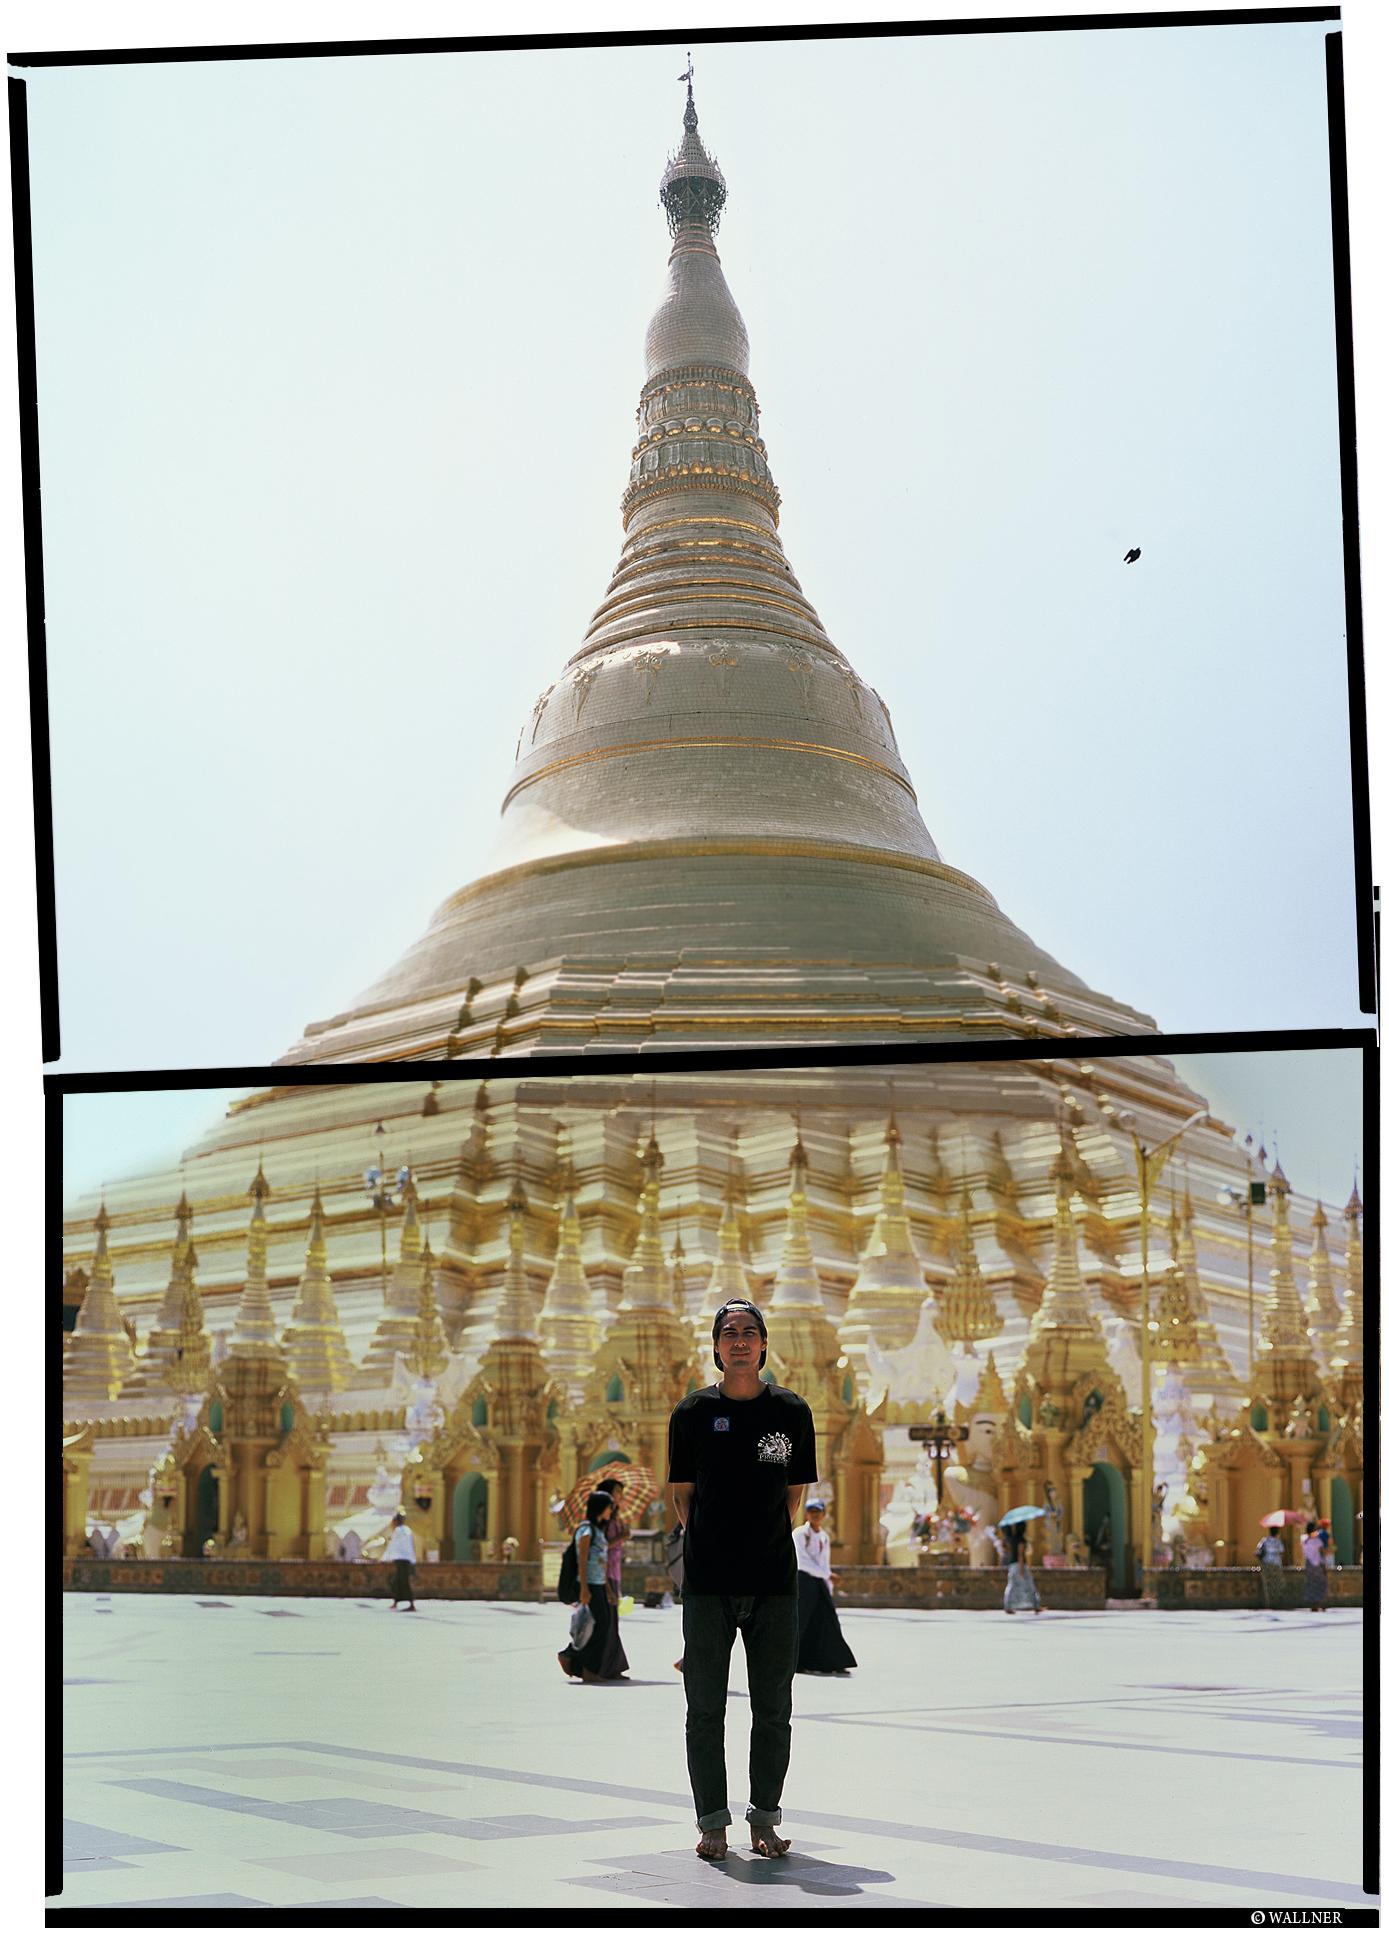 MediumFormatPatrikWallner_Yangon_GengSwadagonPagoda_LOWQ